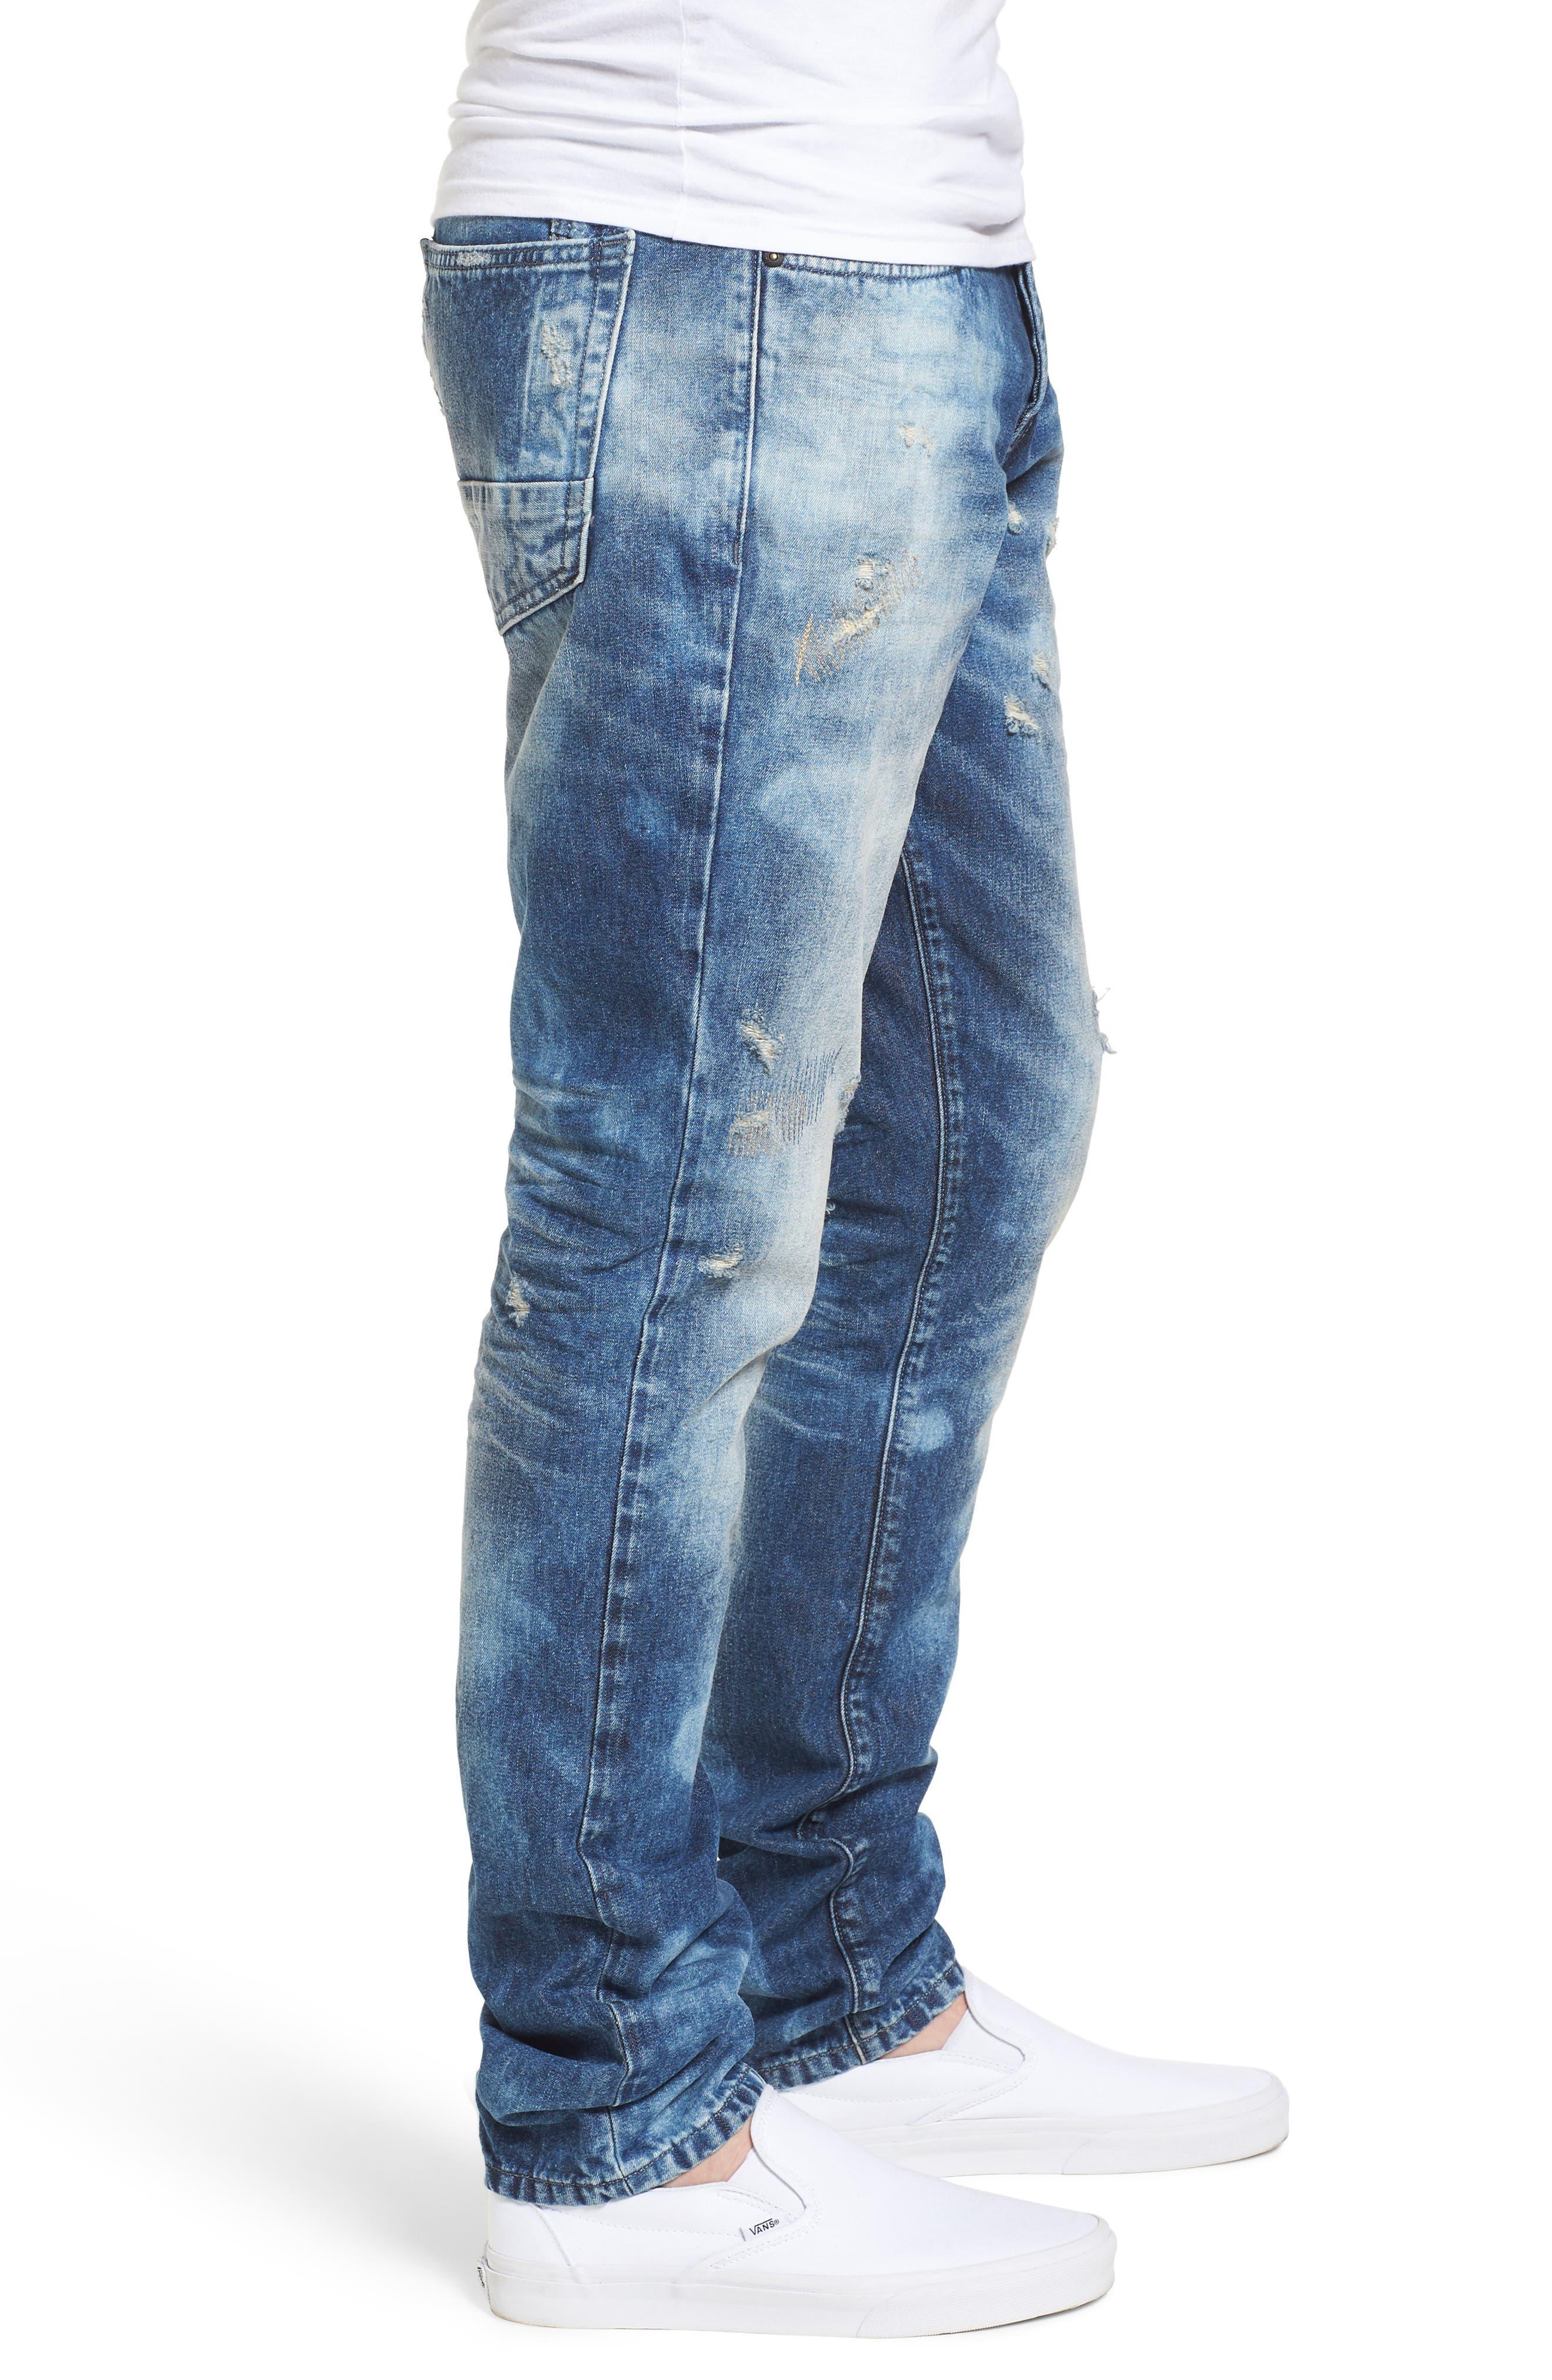 Le Sabre Slim Fit Jeans,                             Alternate thumbnail 3, color,                             Litany